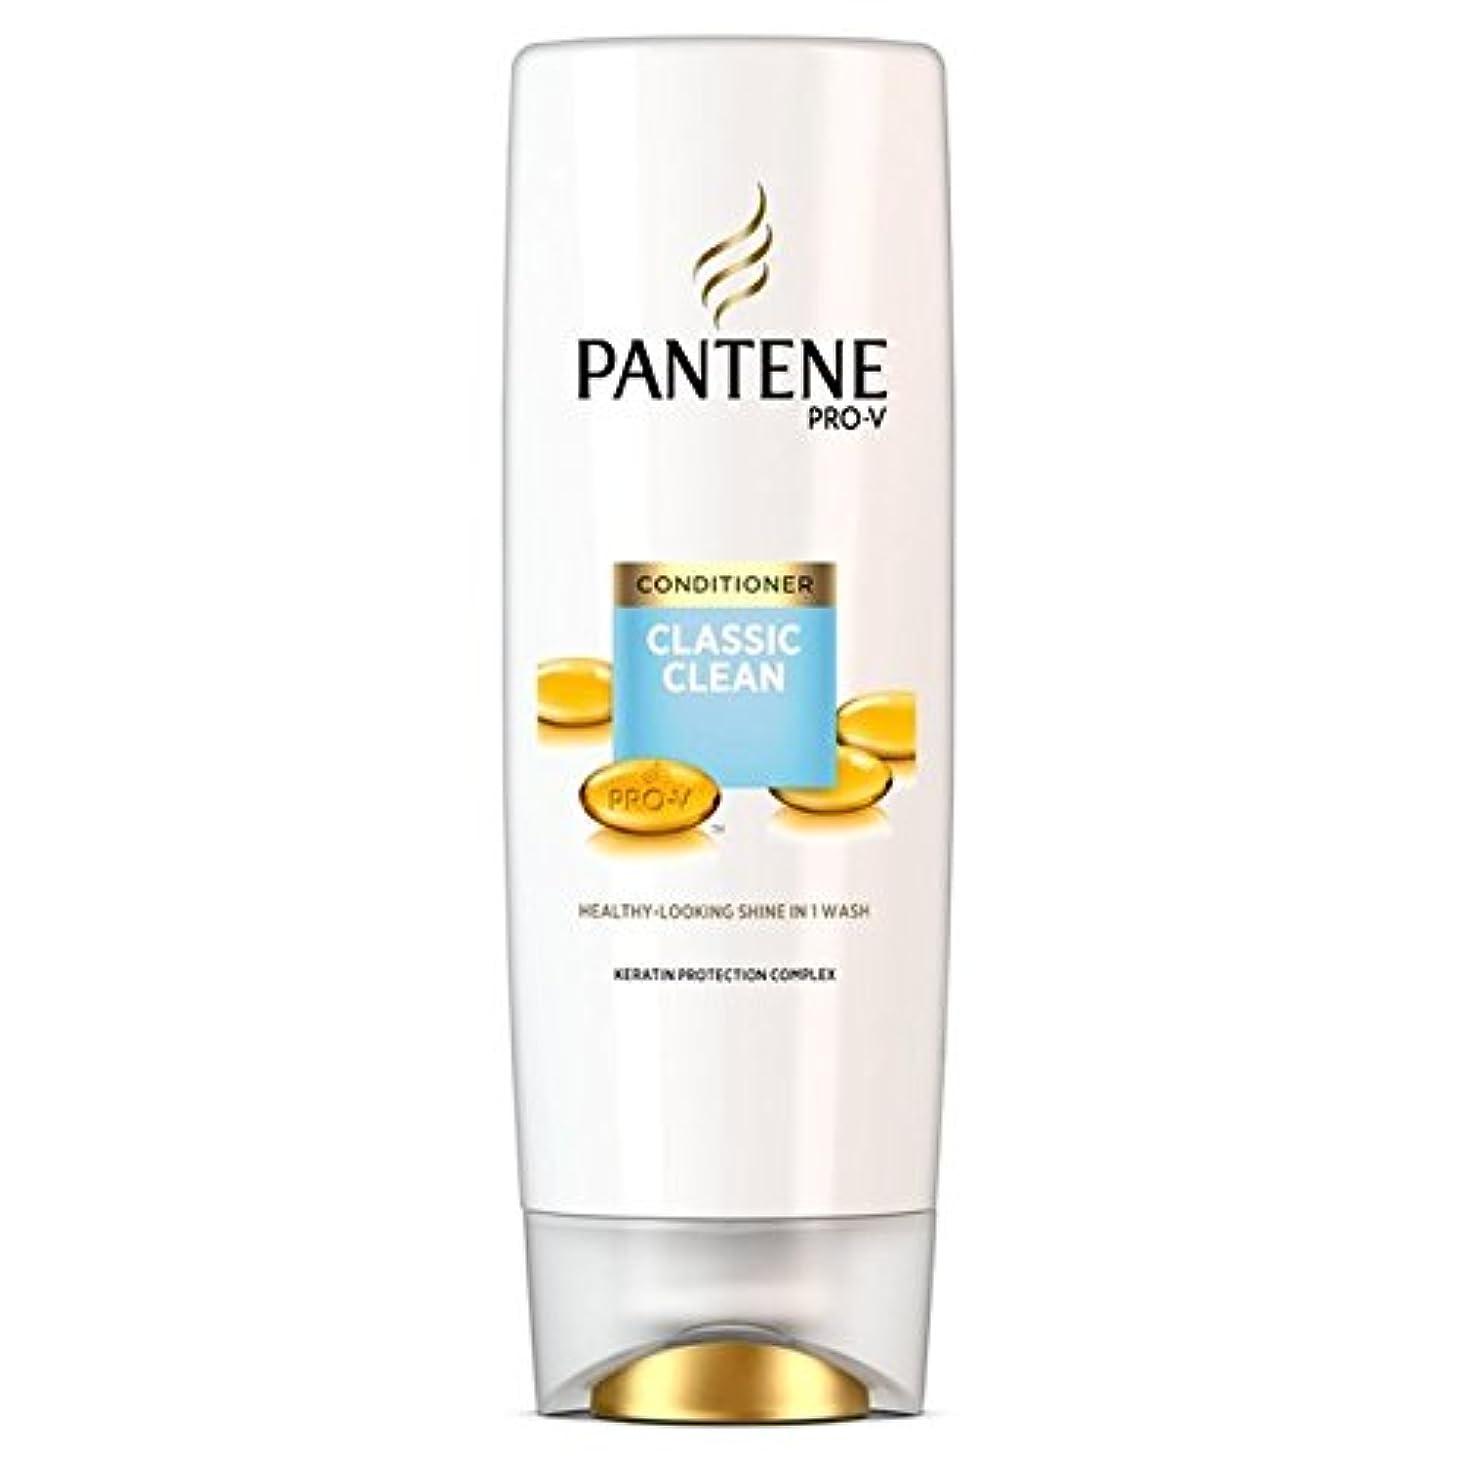 静かに遊びます肉腫Pantene Classic Clean Conditioner 360ml (Pack of 6) - パンテーン古典的なクリーンコンディショナー360ミリリットル x6 [並行輸入品]